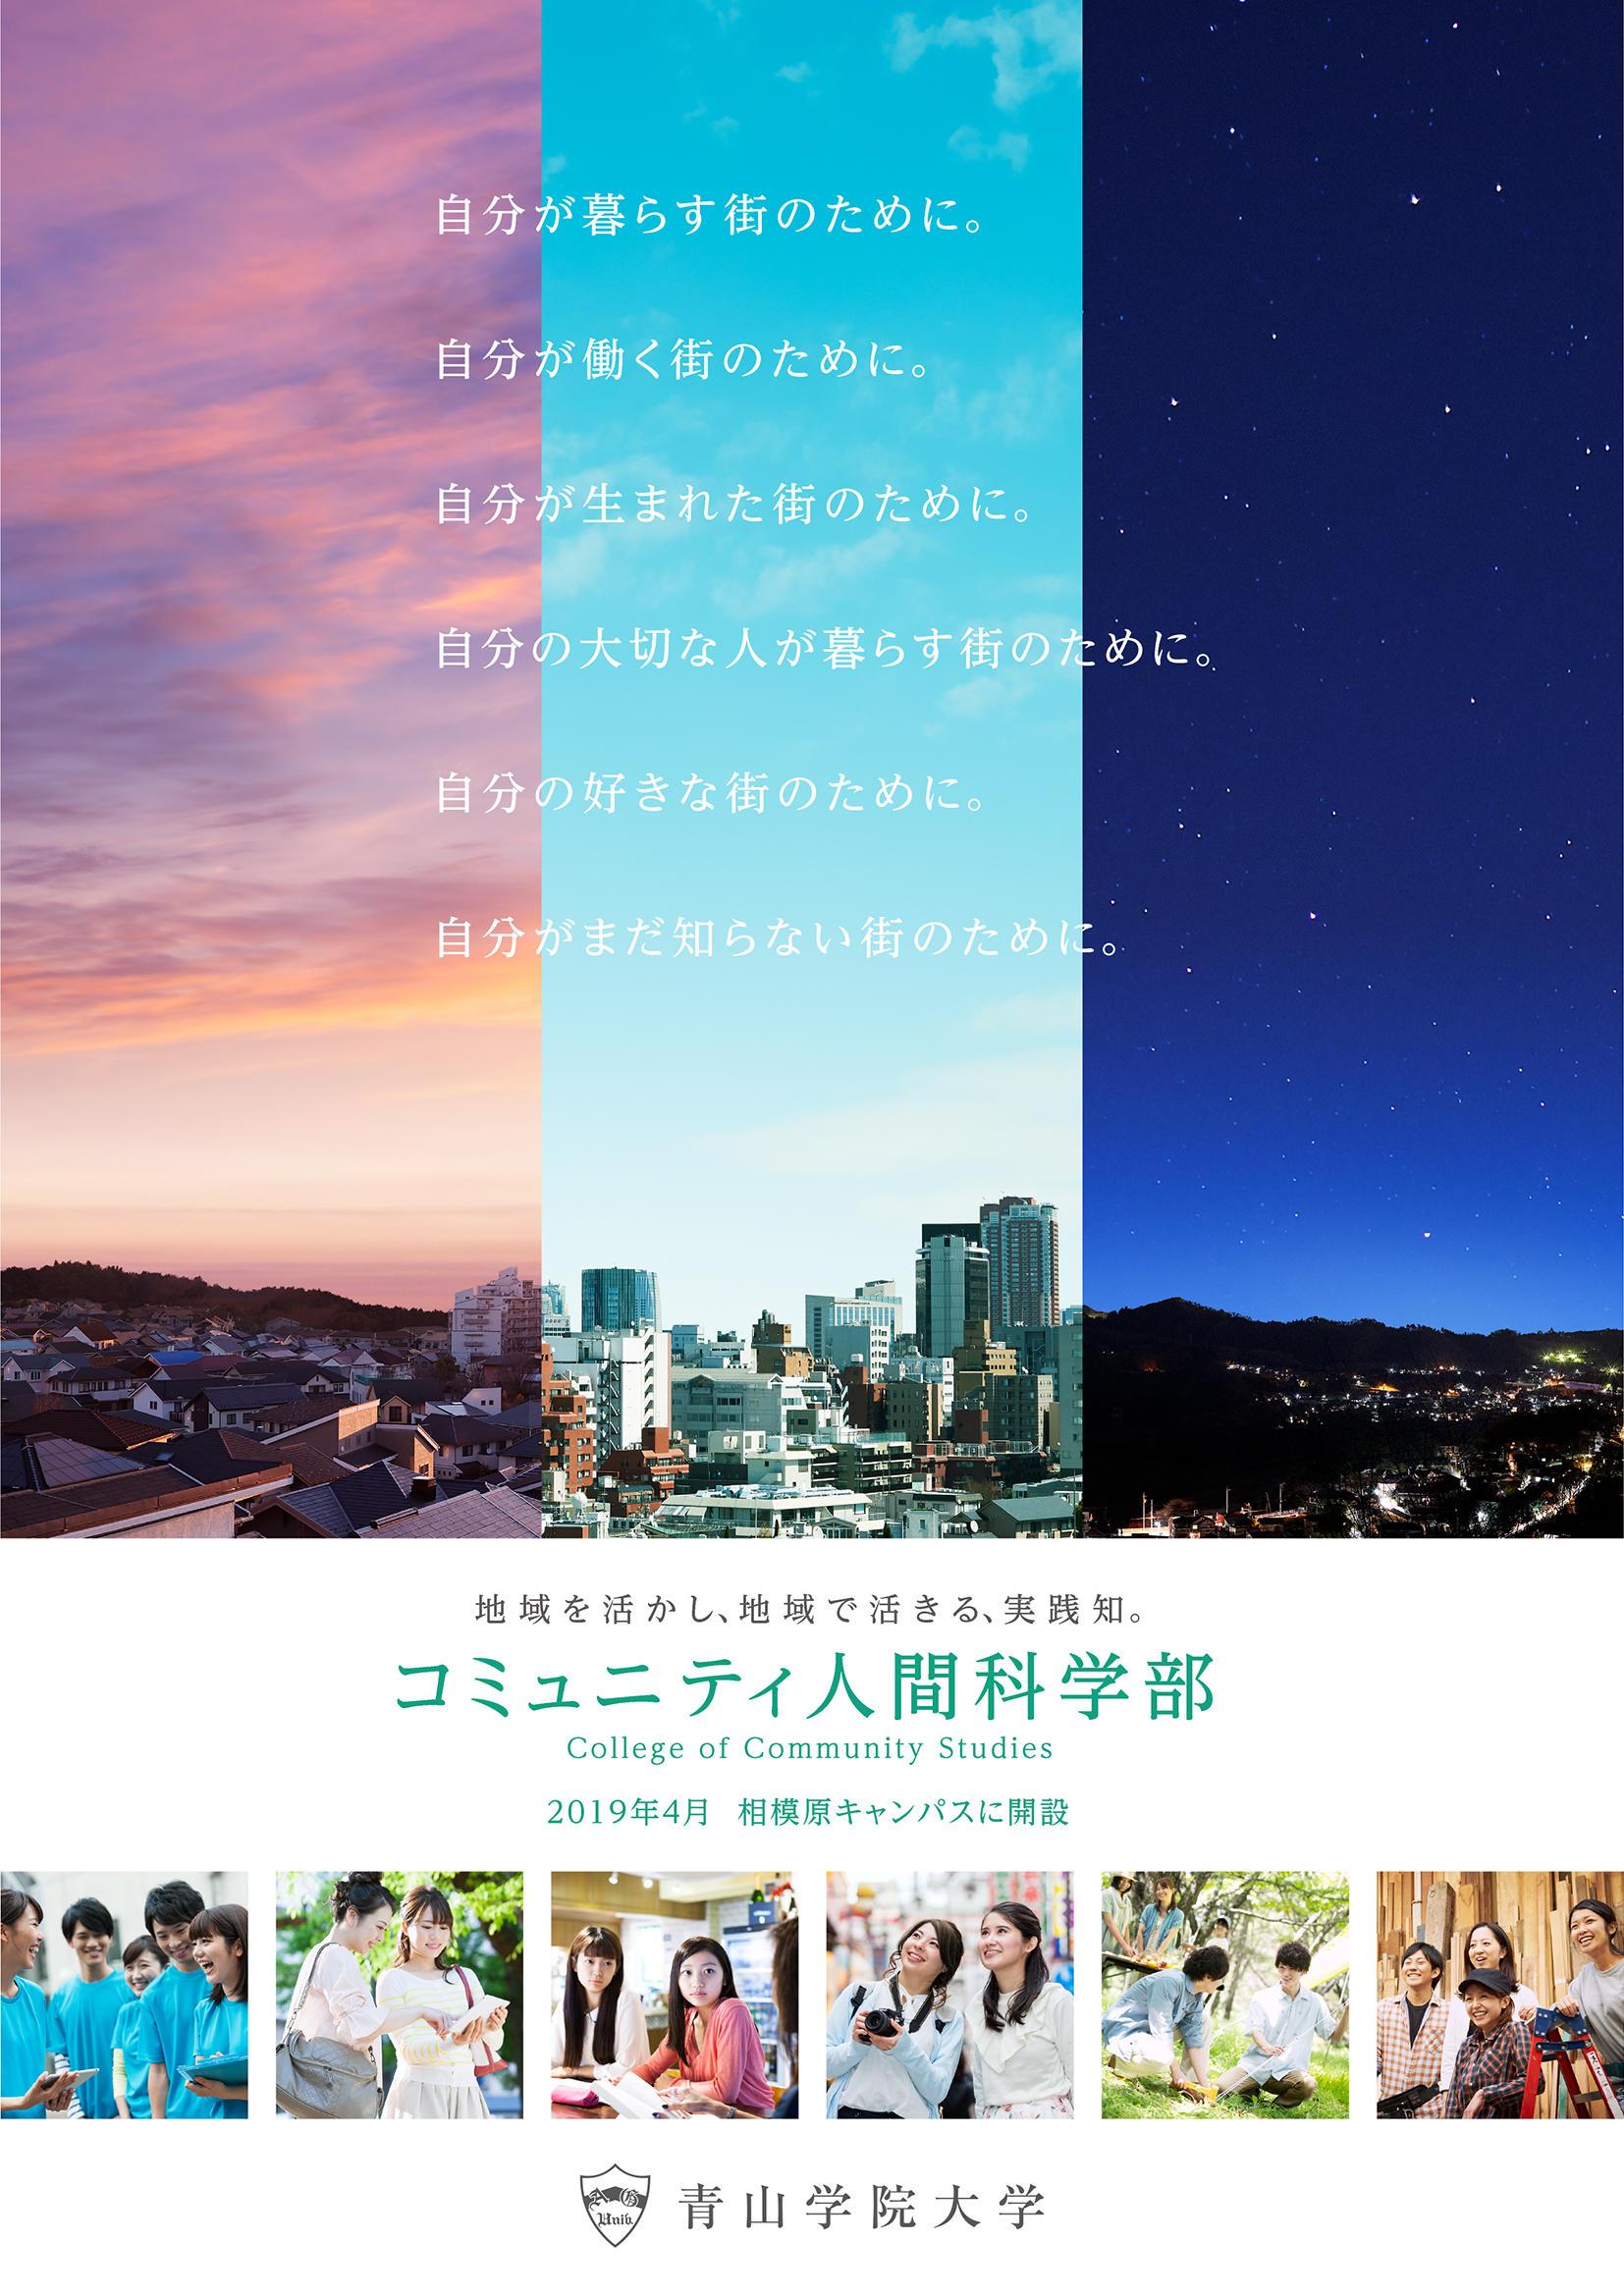 青山学院大学 2019年4月コミュニティ人間科学部開設